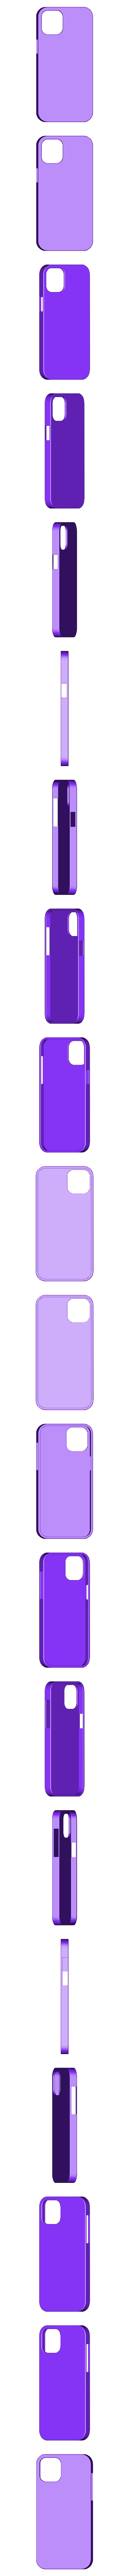 iPhone 12 Pro Max case.STL Télécharger fichier STL Cas de l'iPhone 12 Pro Max (NON TESTÉ) • Plan pour impression 3D, IceKiwi